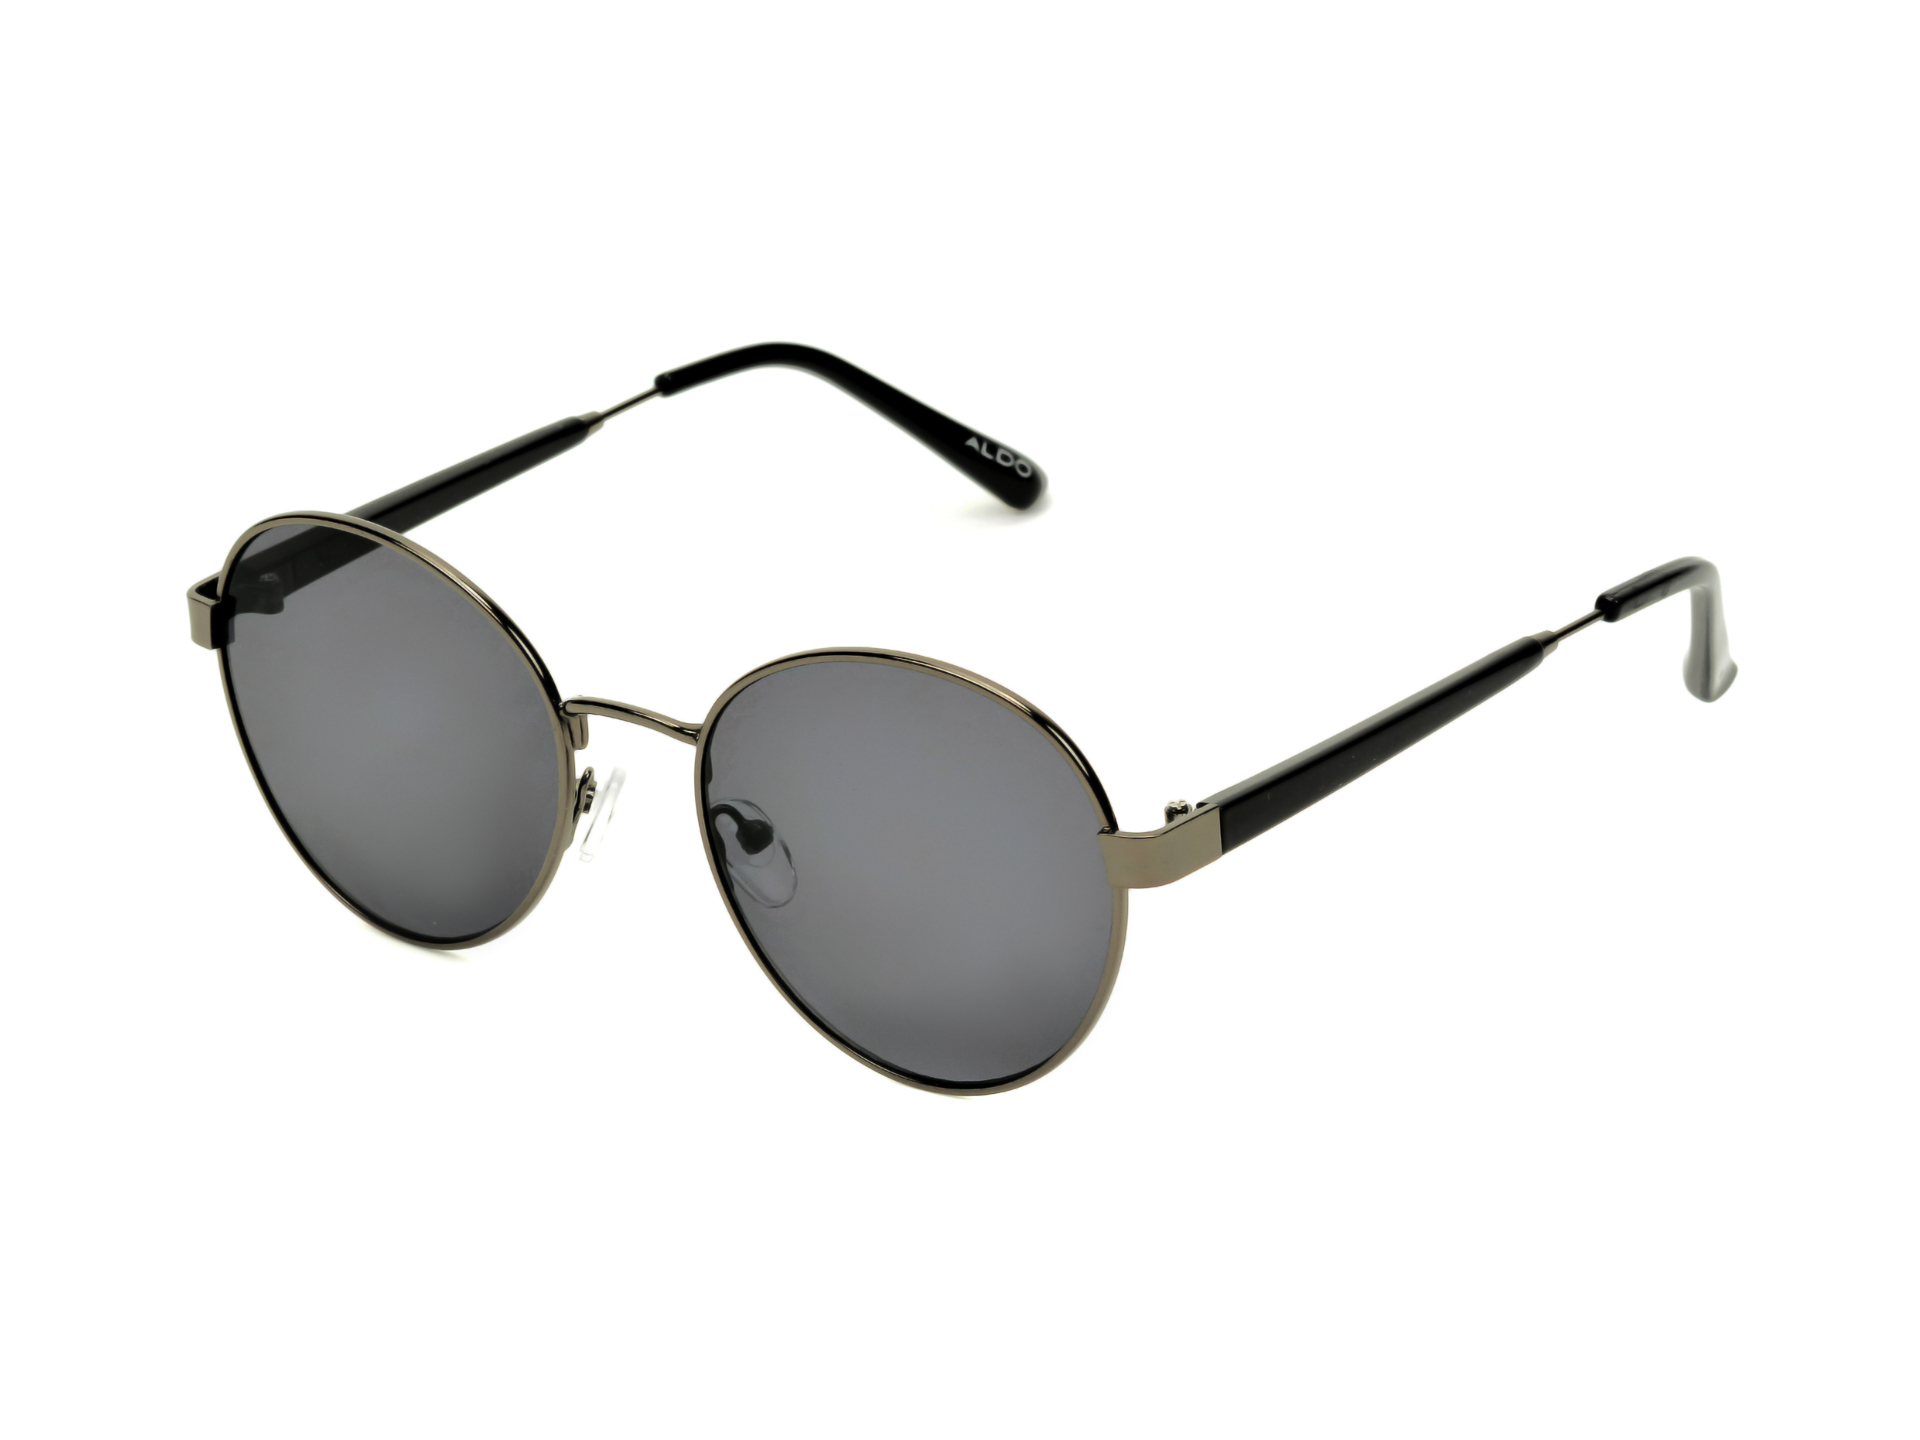 Ochelari de soare ALDO gri, Parade021, din PVC imagine otter.ro